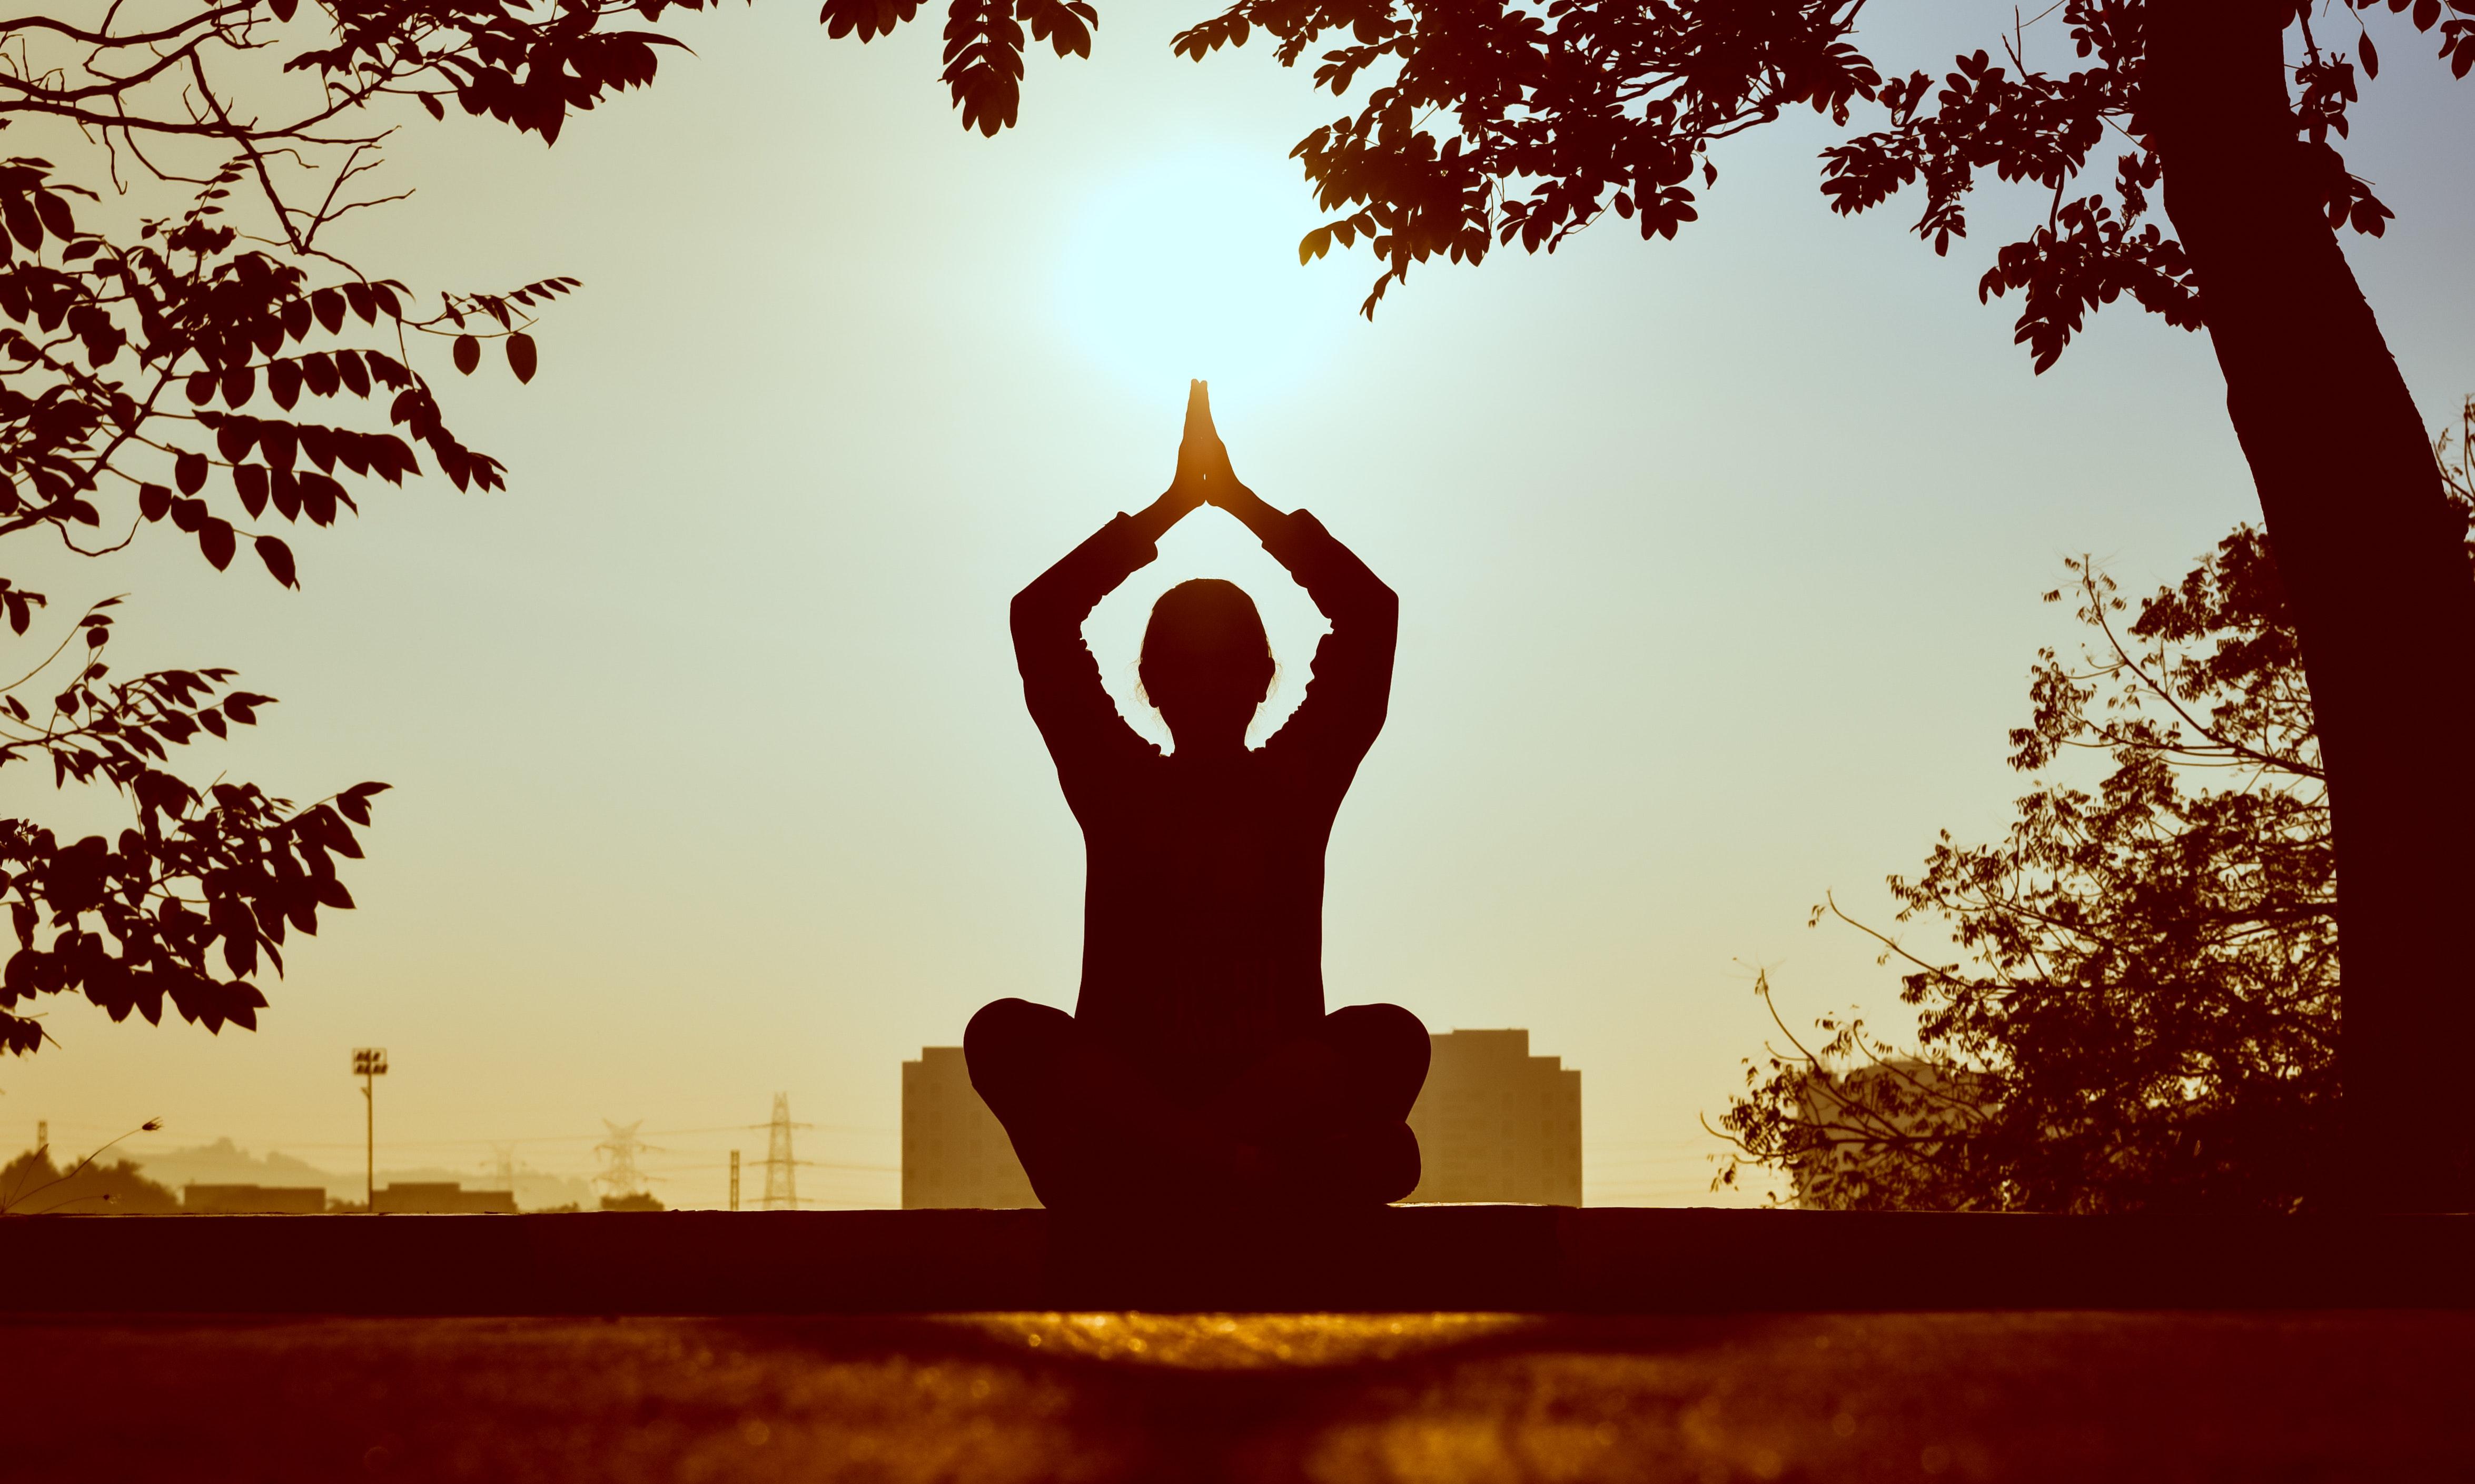 Körper, Seele und Geist in Einklang bringen mit Meditation